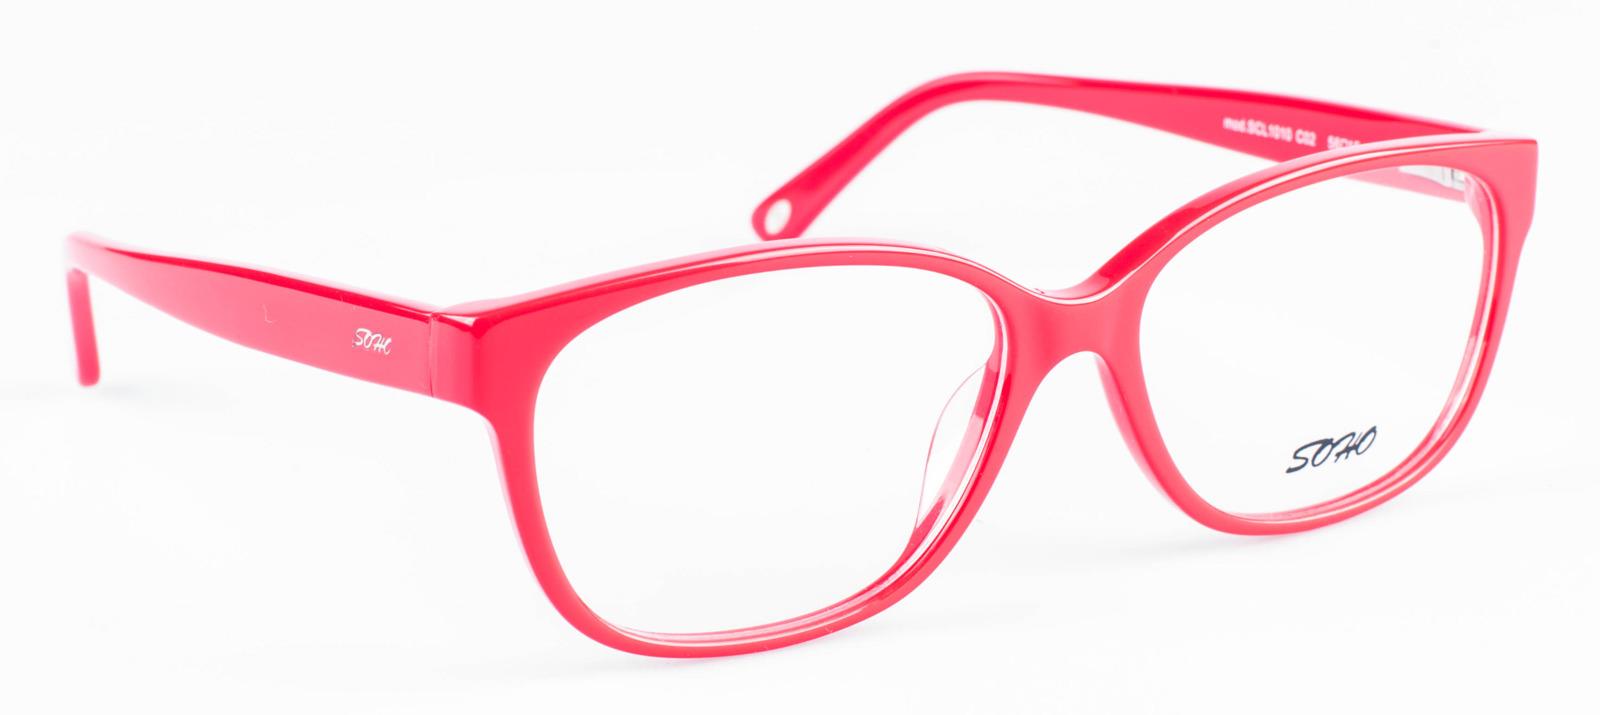 Оправа для очков женская Soho, SCL1010 C02, красный оправа для очков dixon 2014 d9917